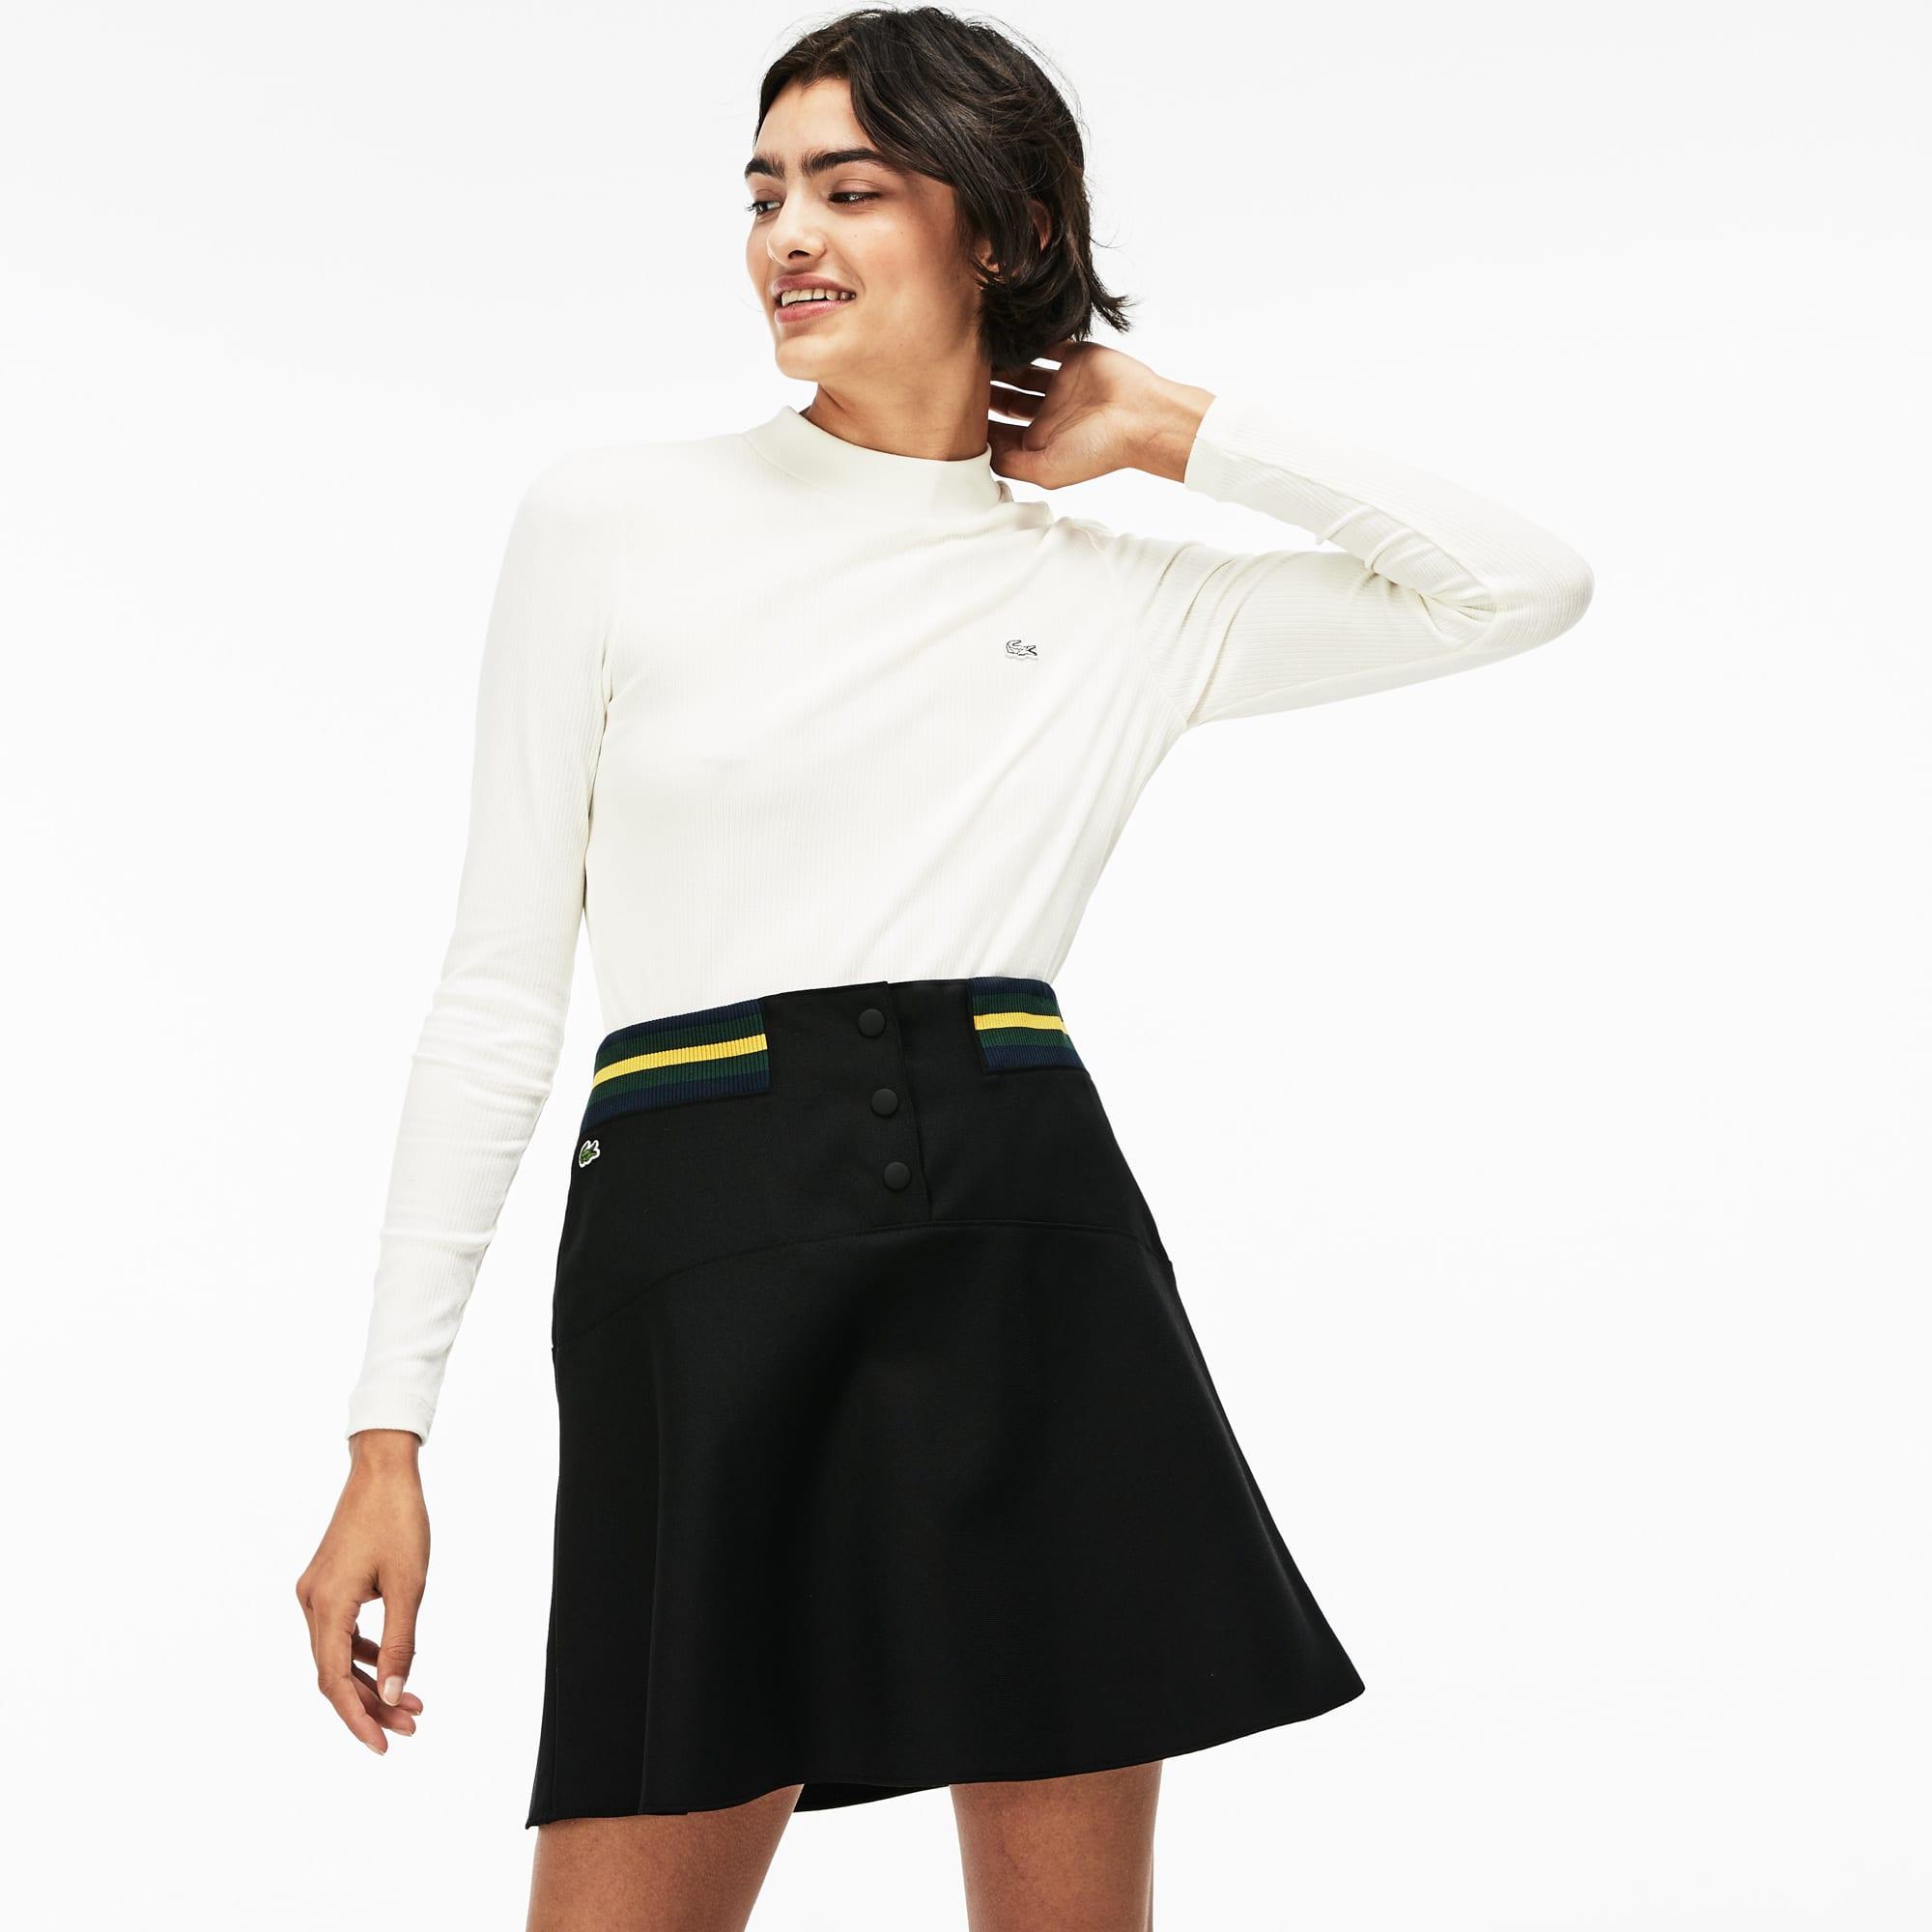 16f115166a734 Saia feminina Lacoste LIVE skater com elástico contrastante na cintura